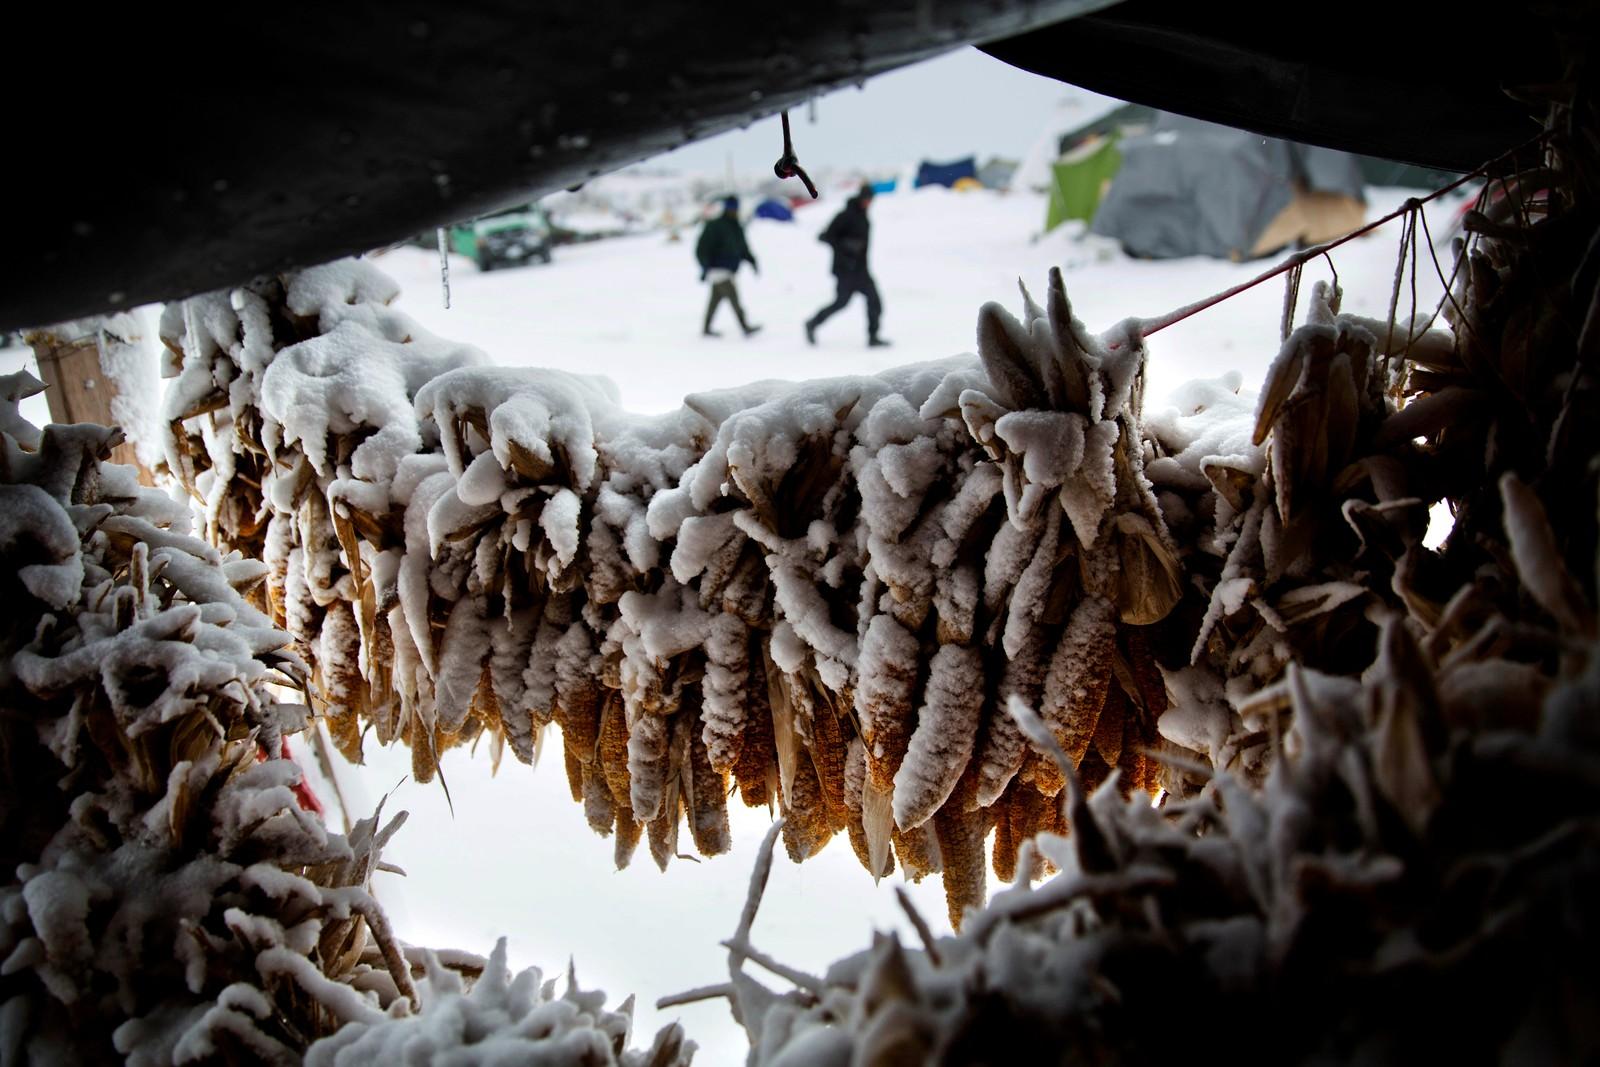 """Mais dekket av snø henger utenfor et telt ved Oceti Sakowin-leiren i Nord-Dakota hvor folk har samlet seg for å protestere mot byggingen av oljeledningen """"Dakota Access Pipeline"""", også kalt """"Den svarte slange"""". Det er planlagt at ledningen skal bli 1900 kilometer lang, og at den skal gå helt fra Nord-Dakota til Illionois i USA."""